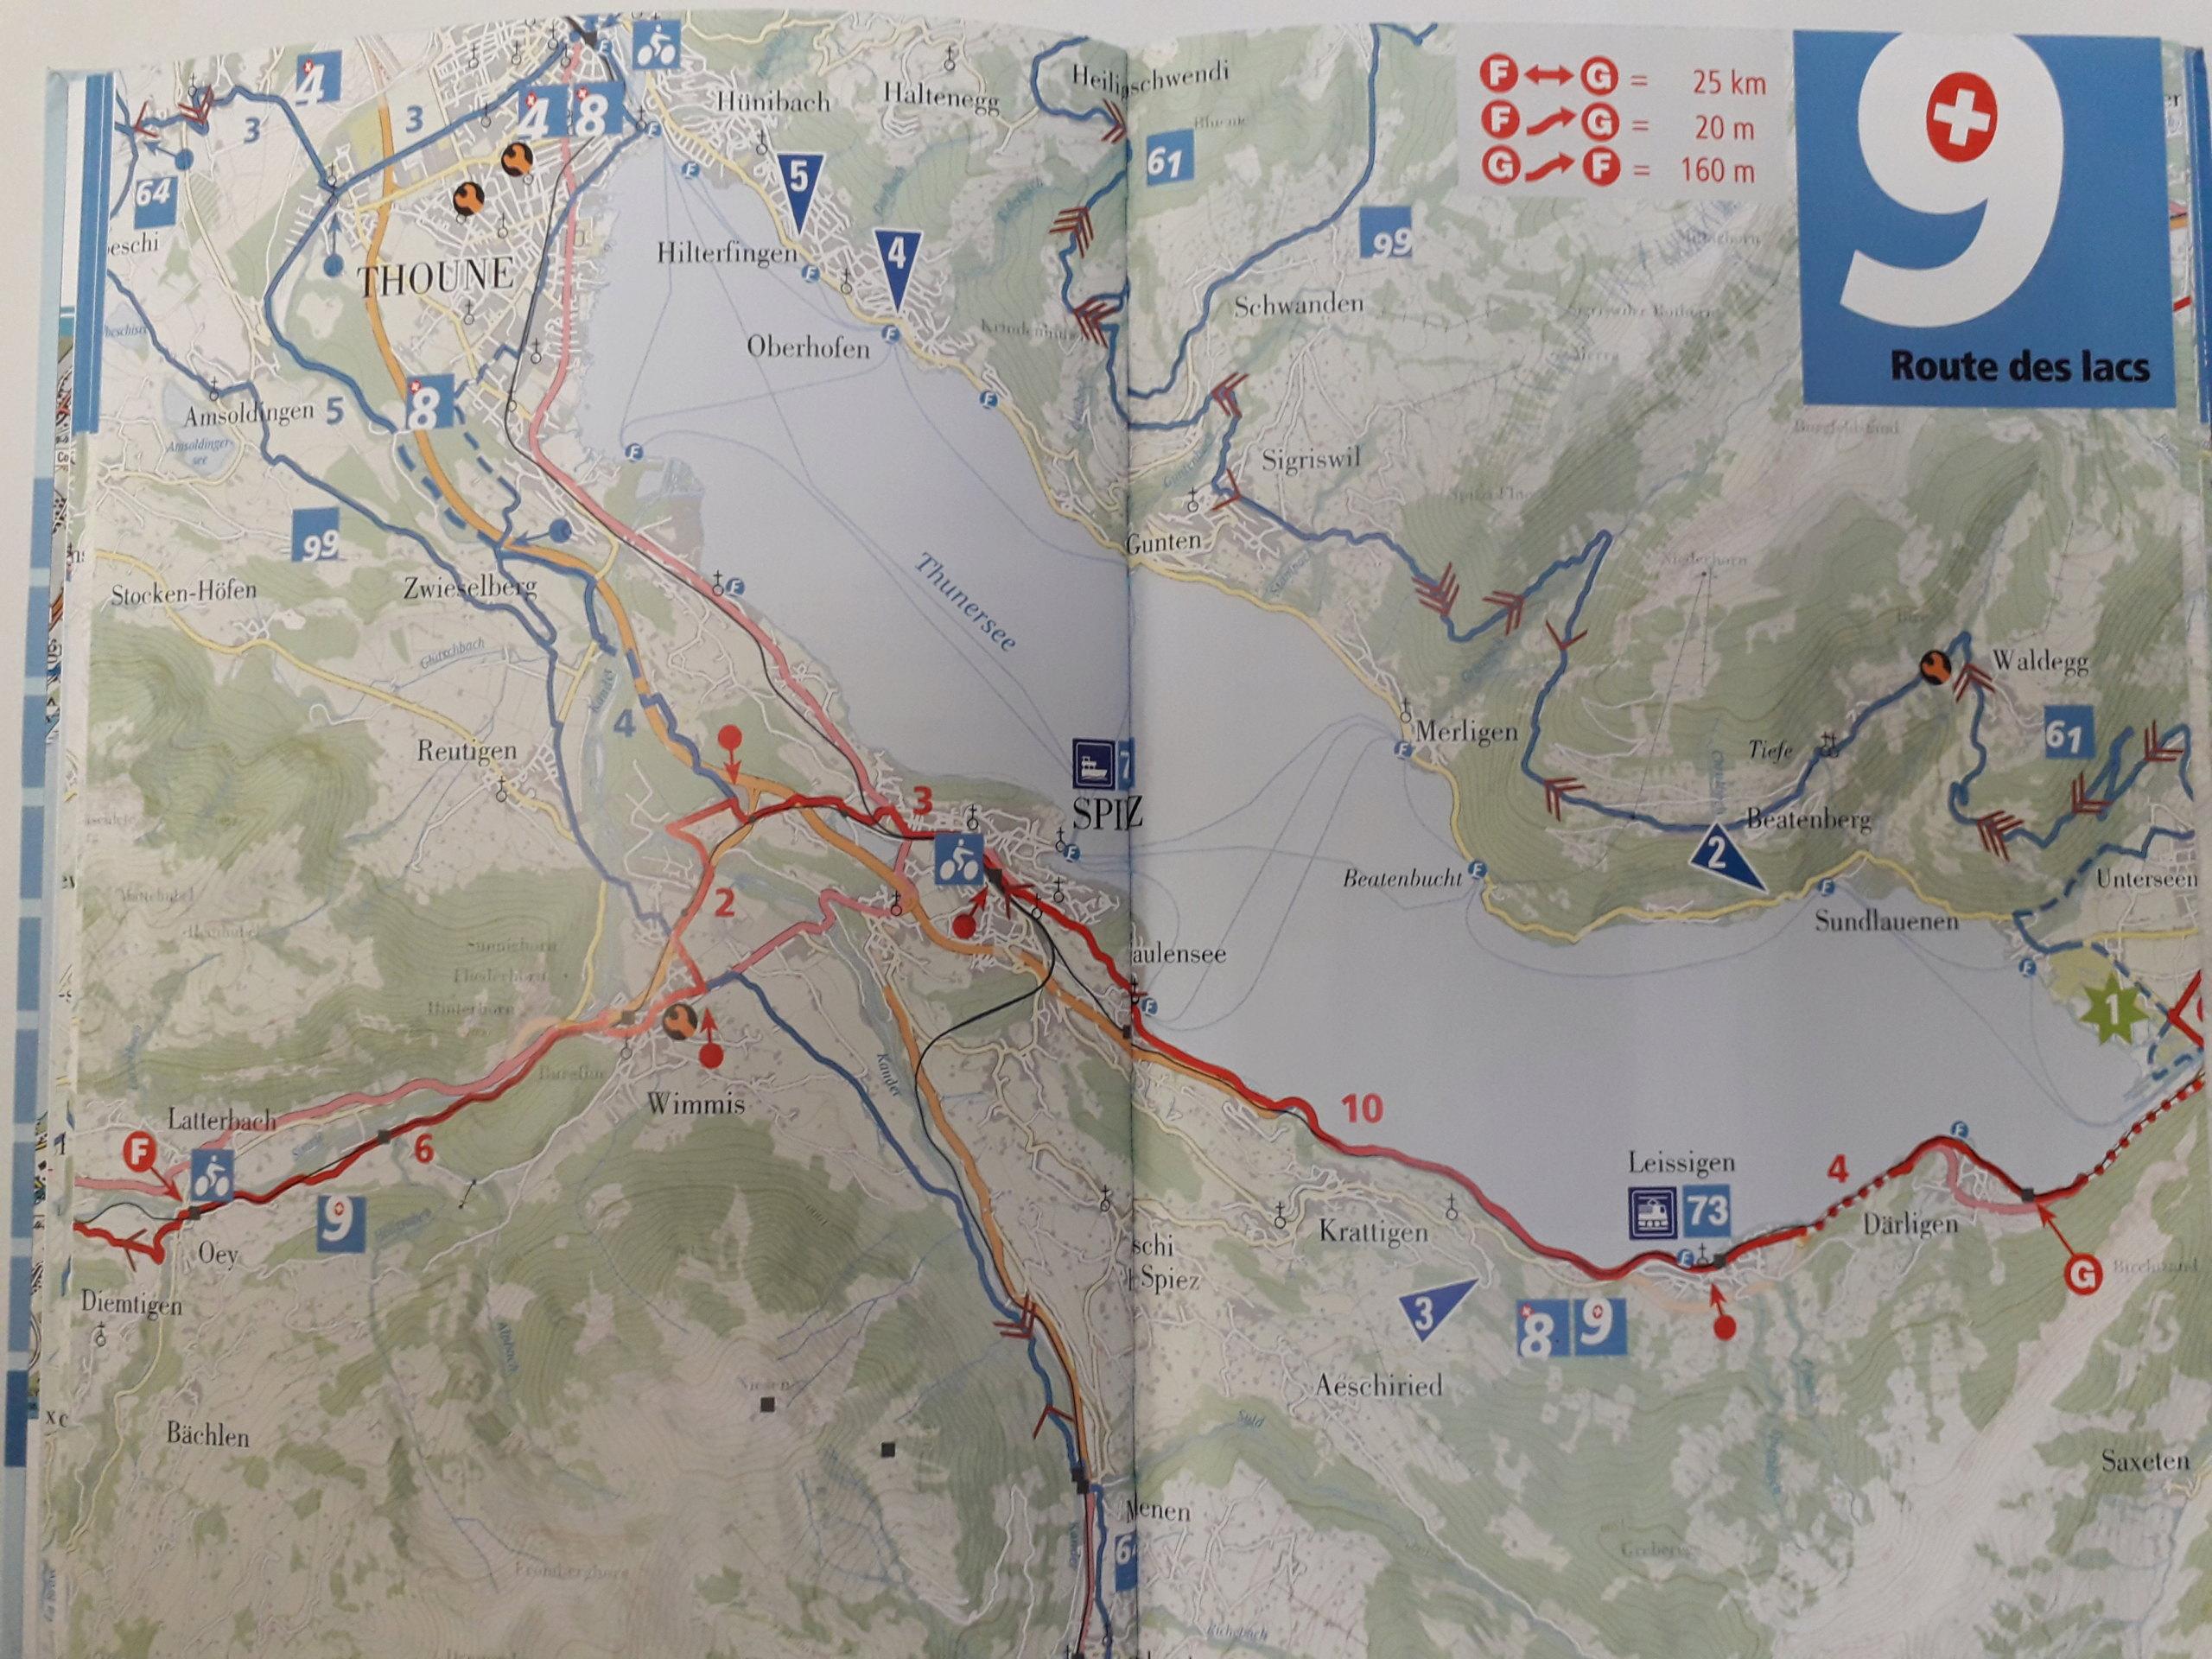 La Route des lacs - Suisse [7 au 12 juin] saison 14 •Bƒ 20190516